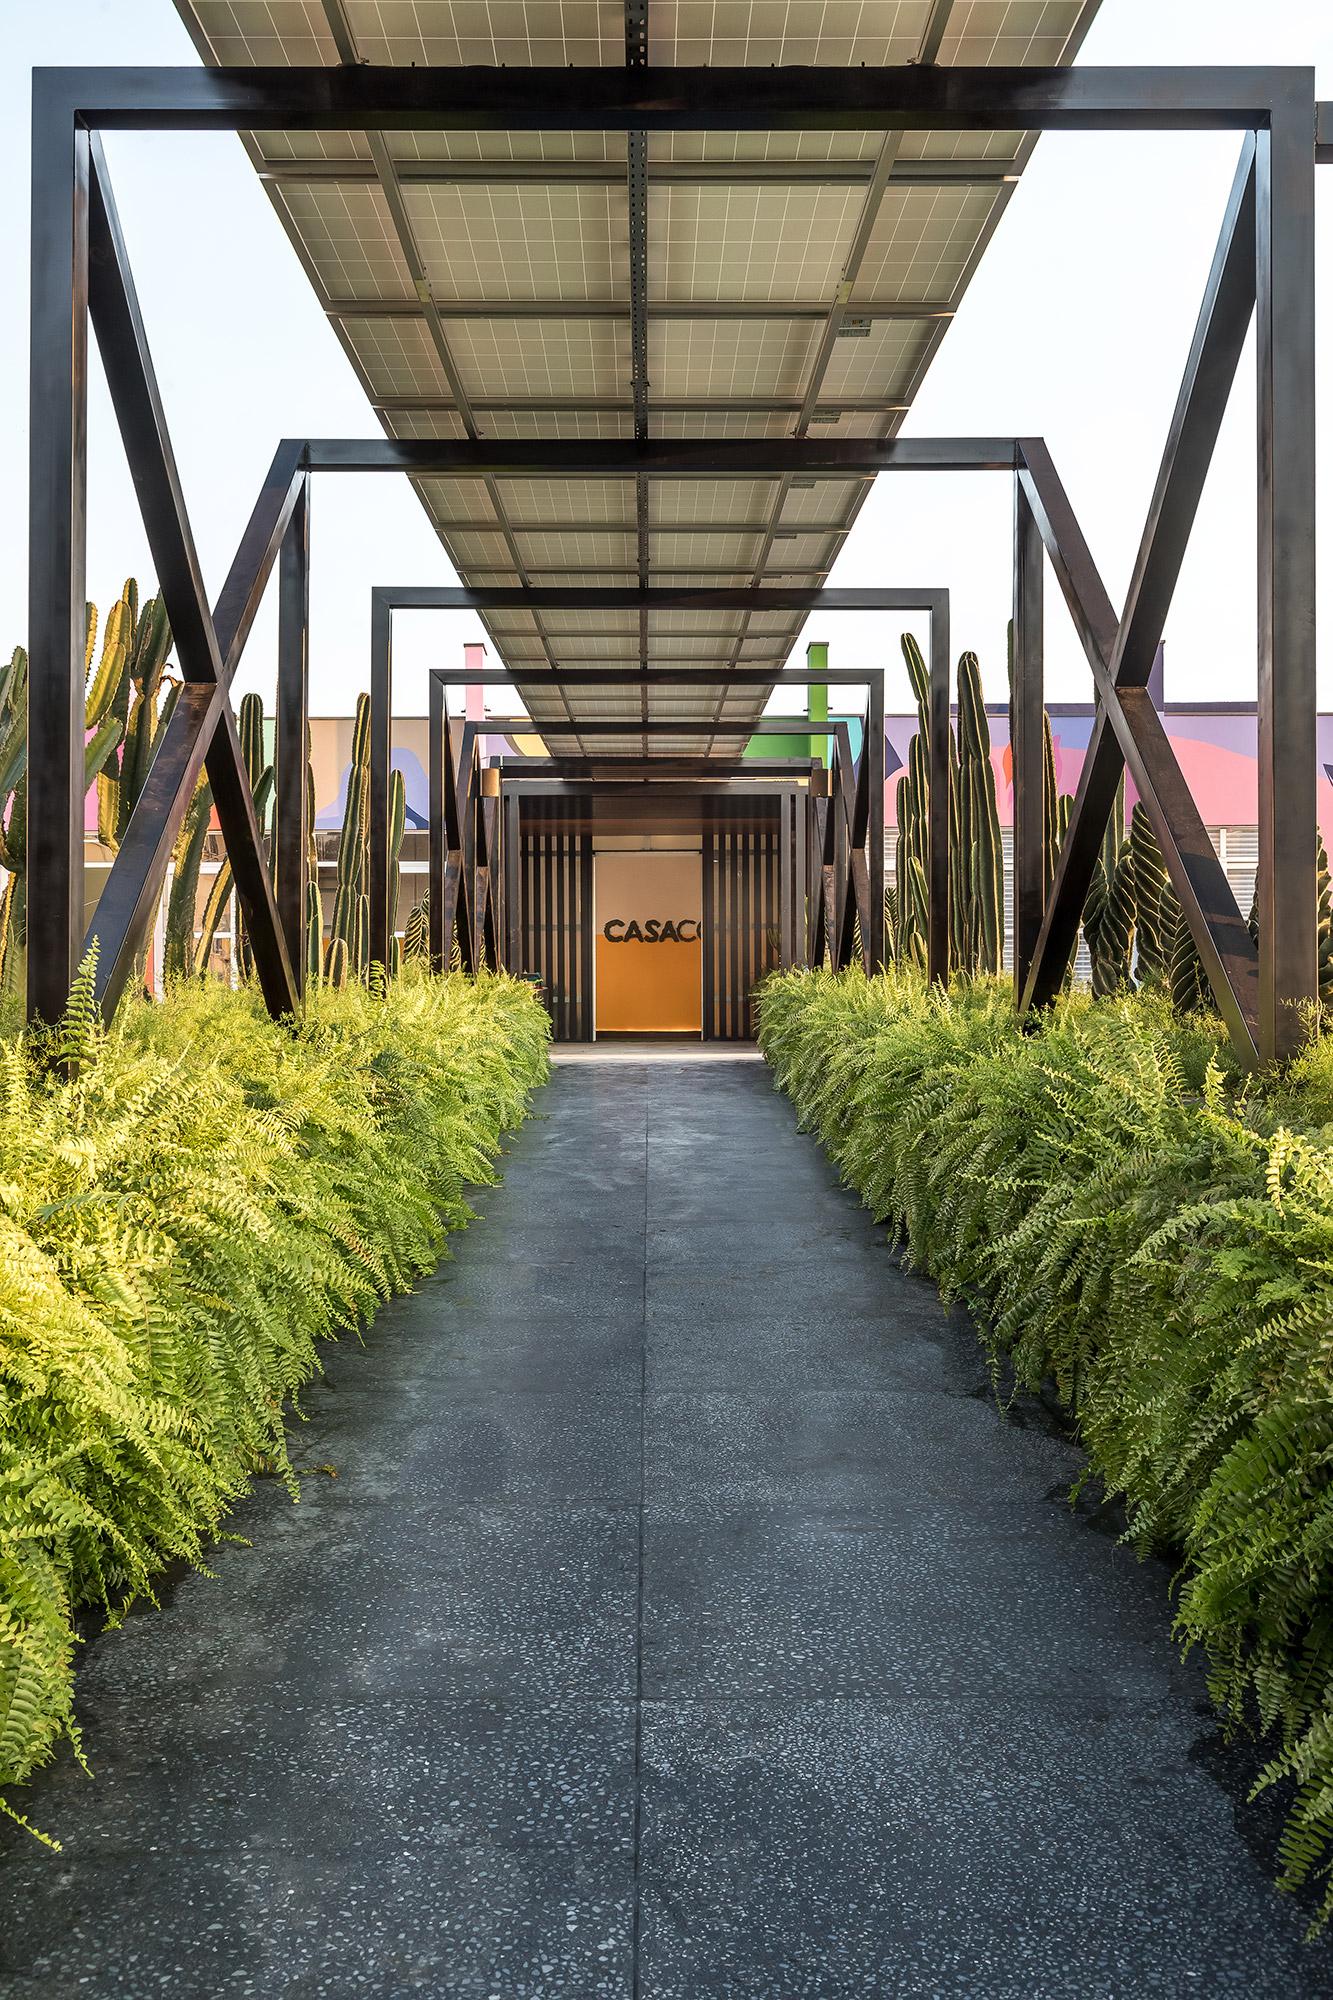 Alameda Praça CASACOR Wolfgang Schlogel CASACOR Paraná 2021 jardim externo paisagismo decoração arquitetura